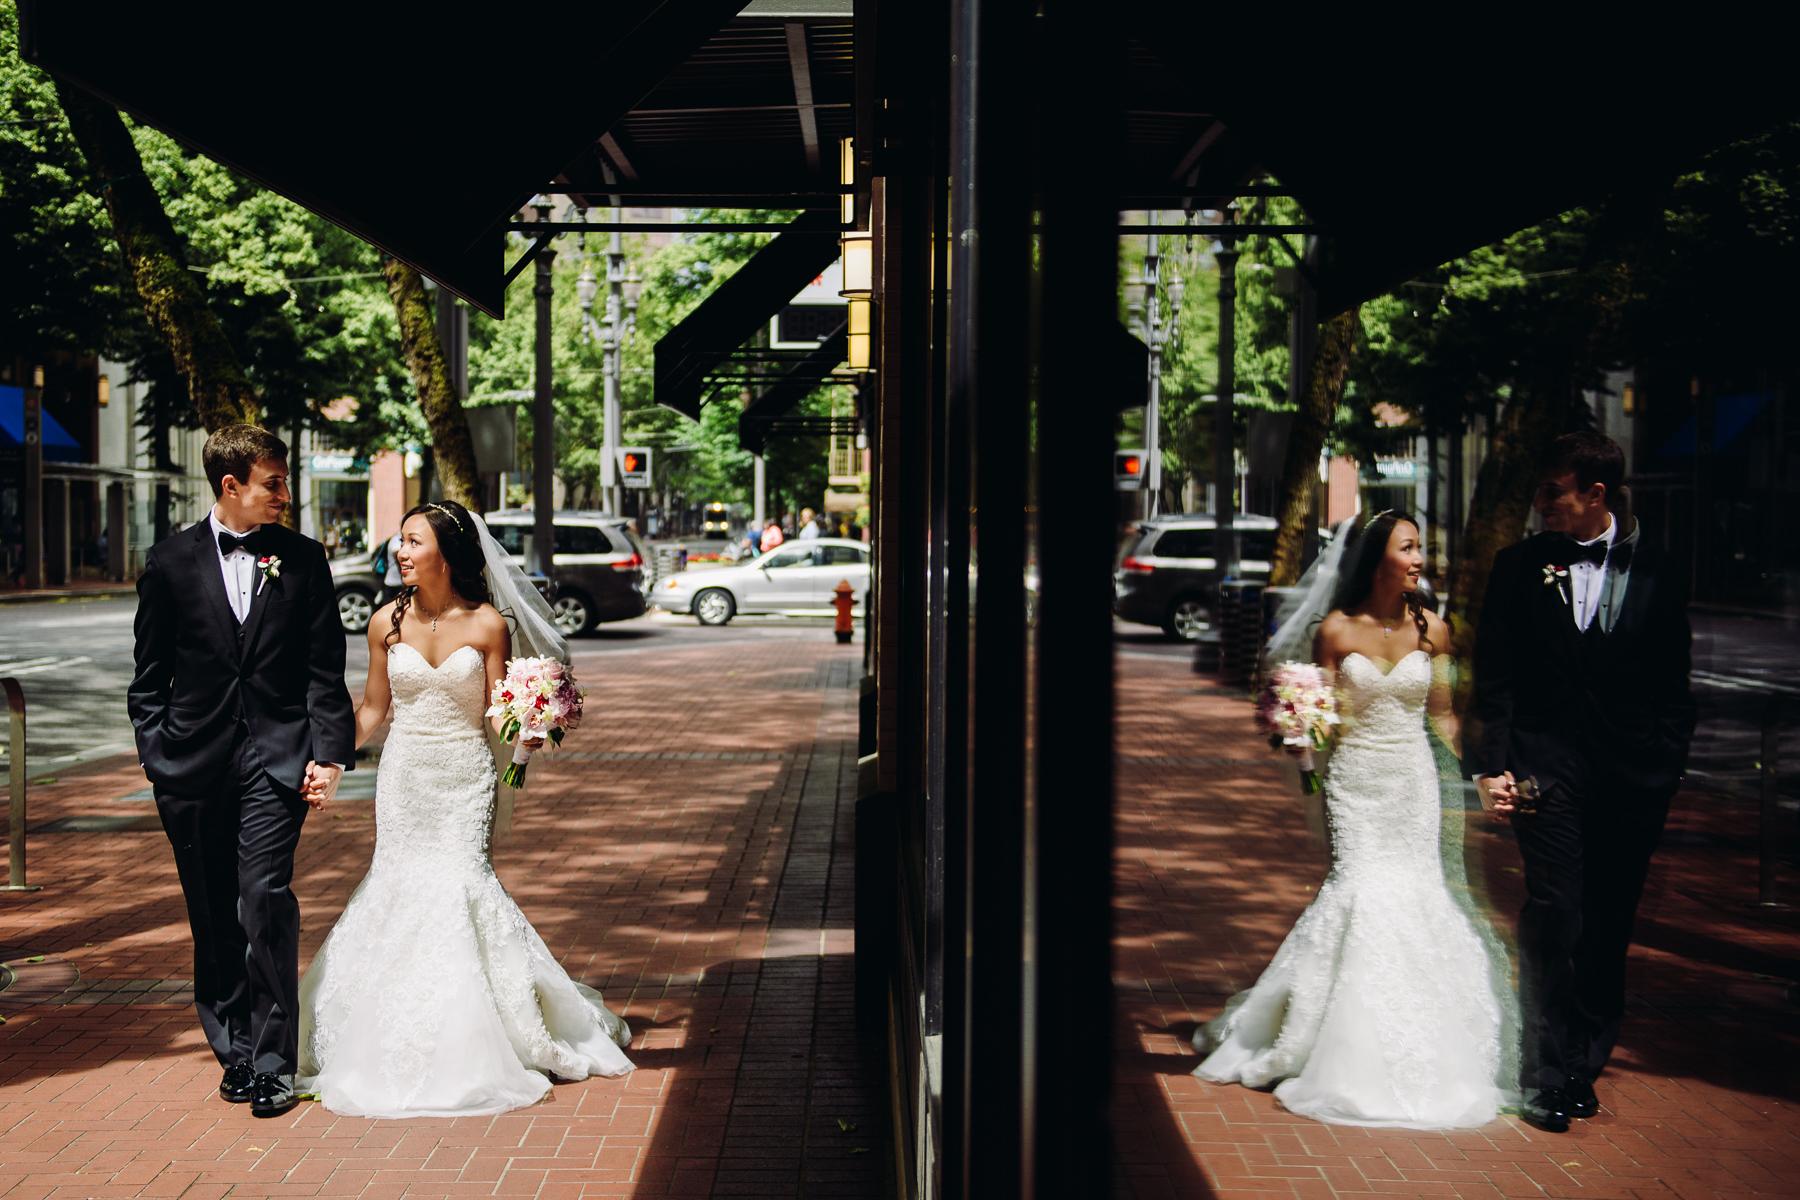 downtown portland wedding portrait